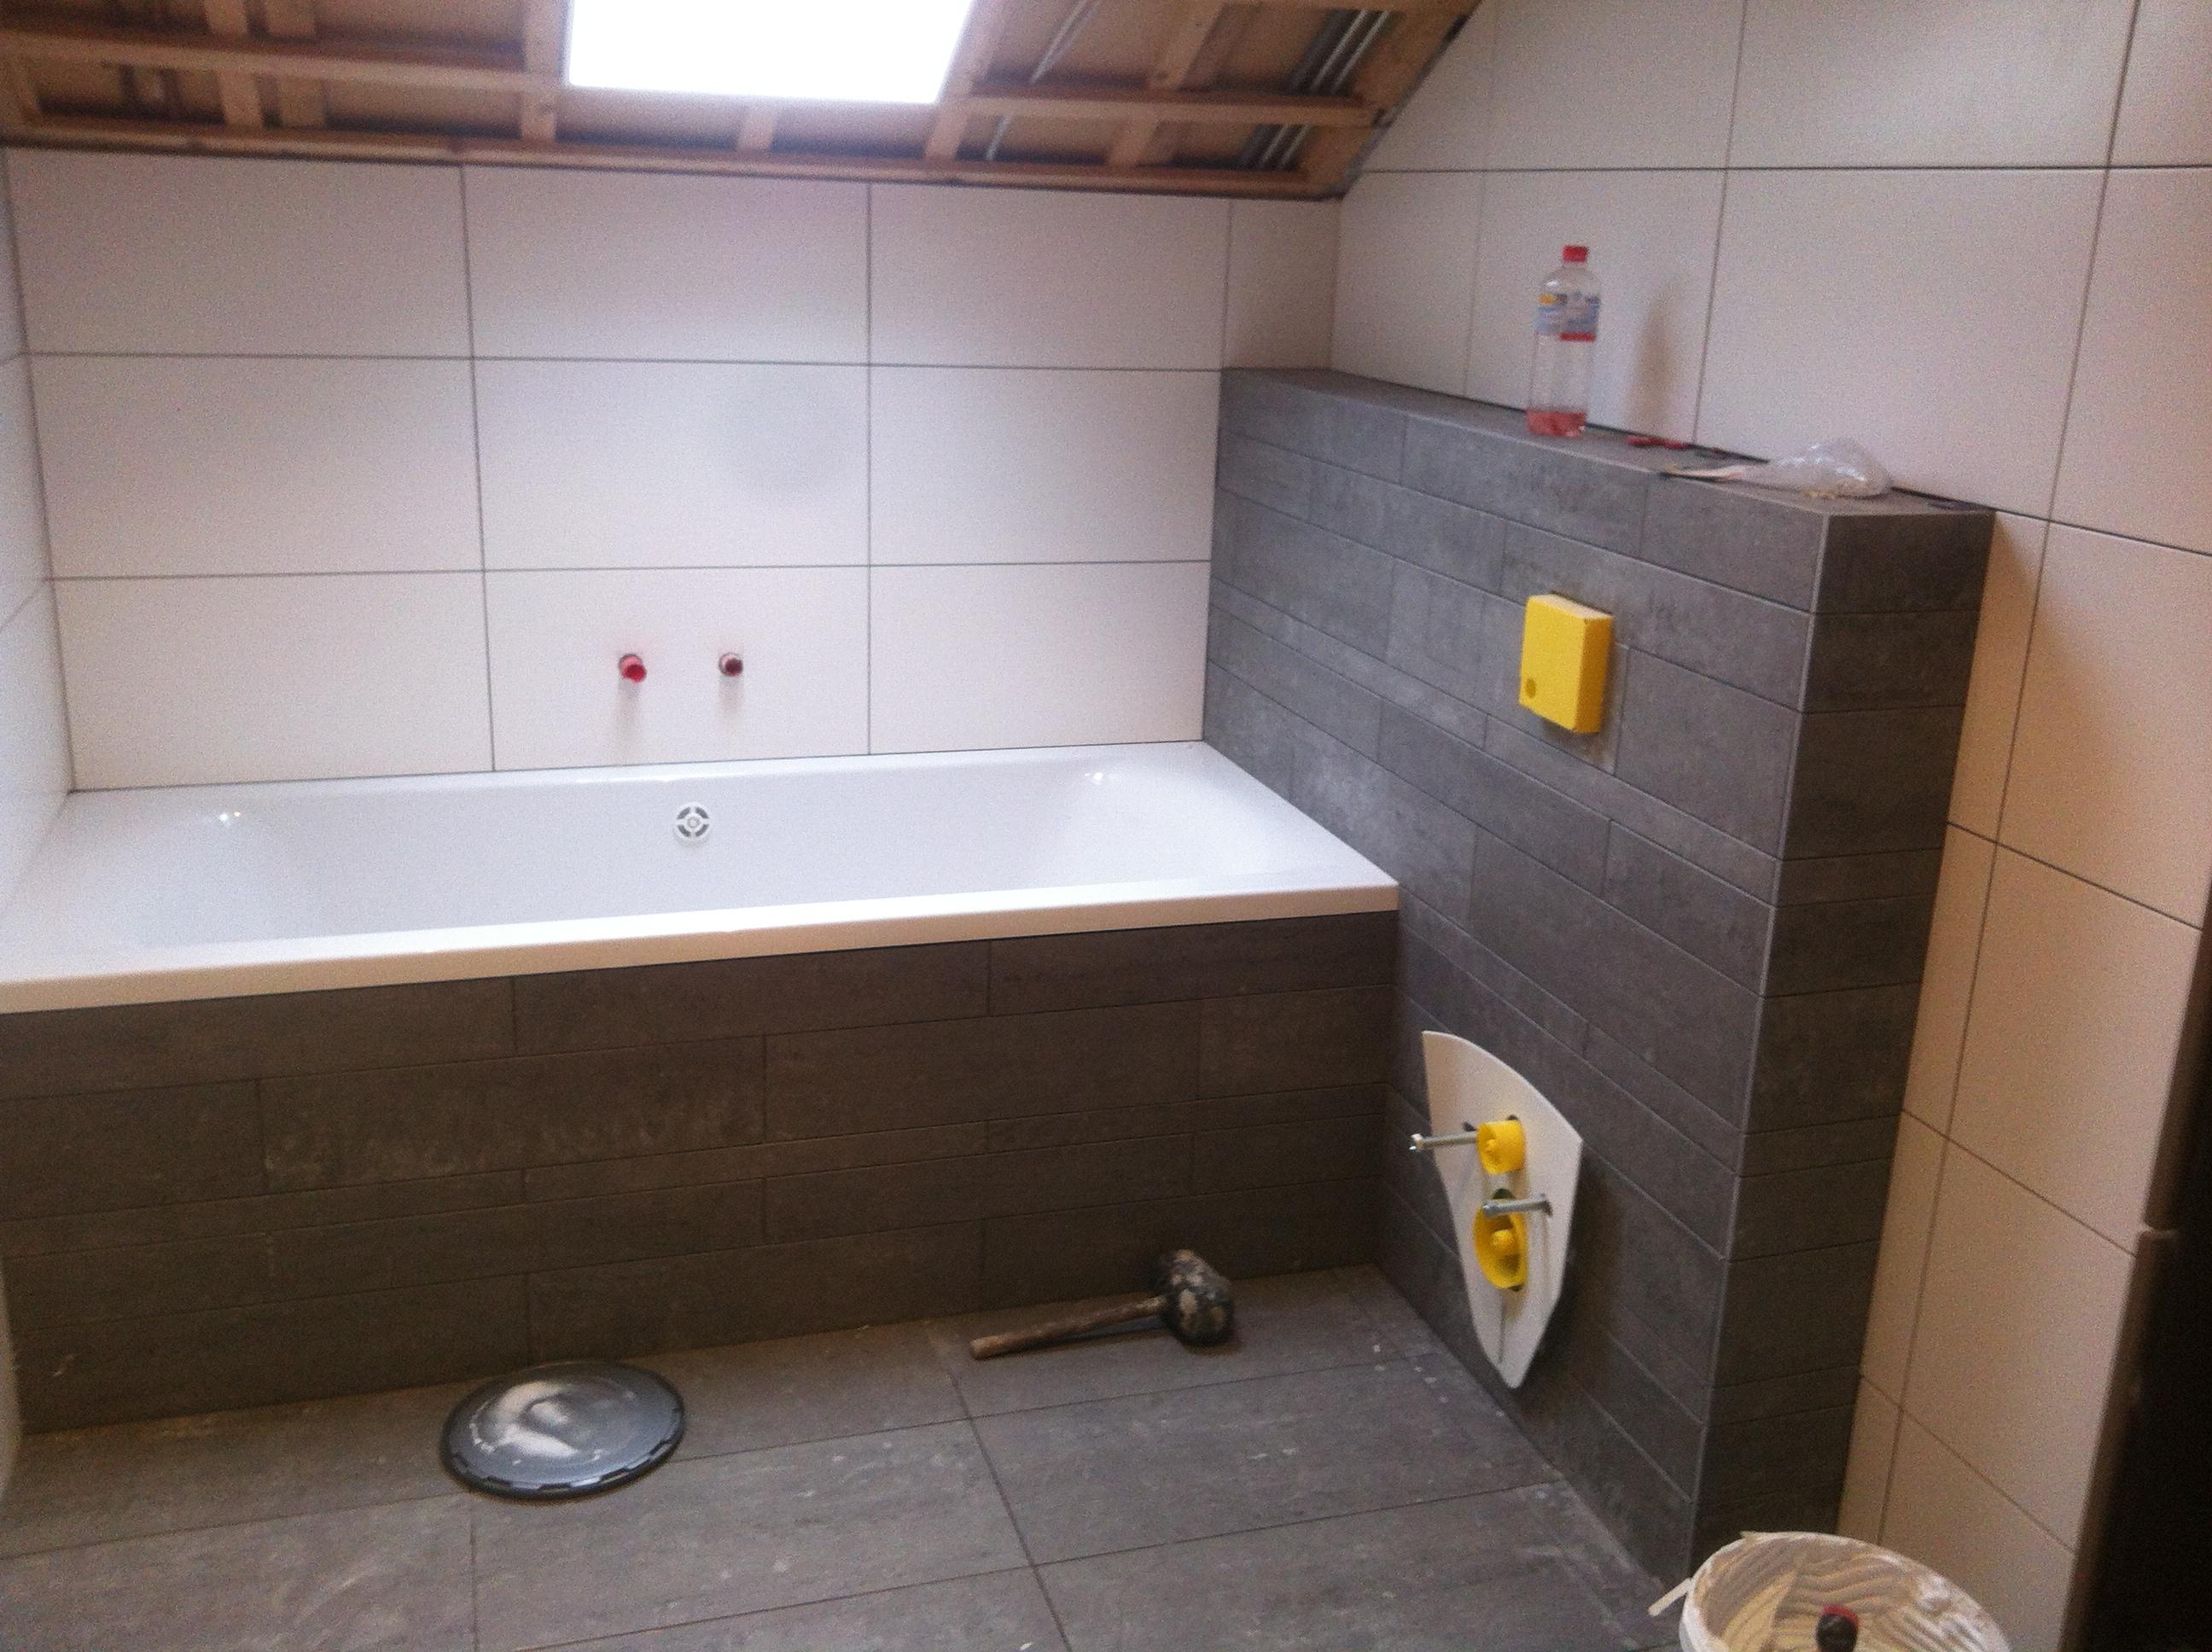 Betegelen van complete badkamers in woonhuizen of hotels ...